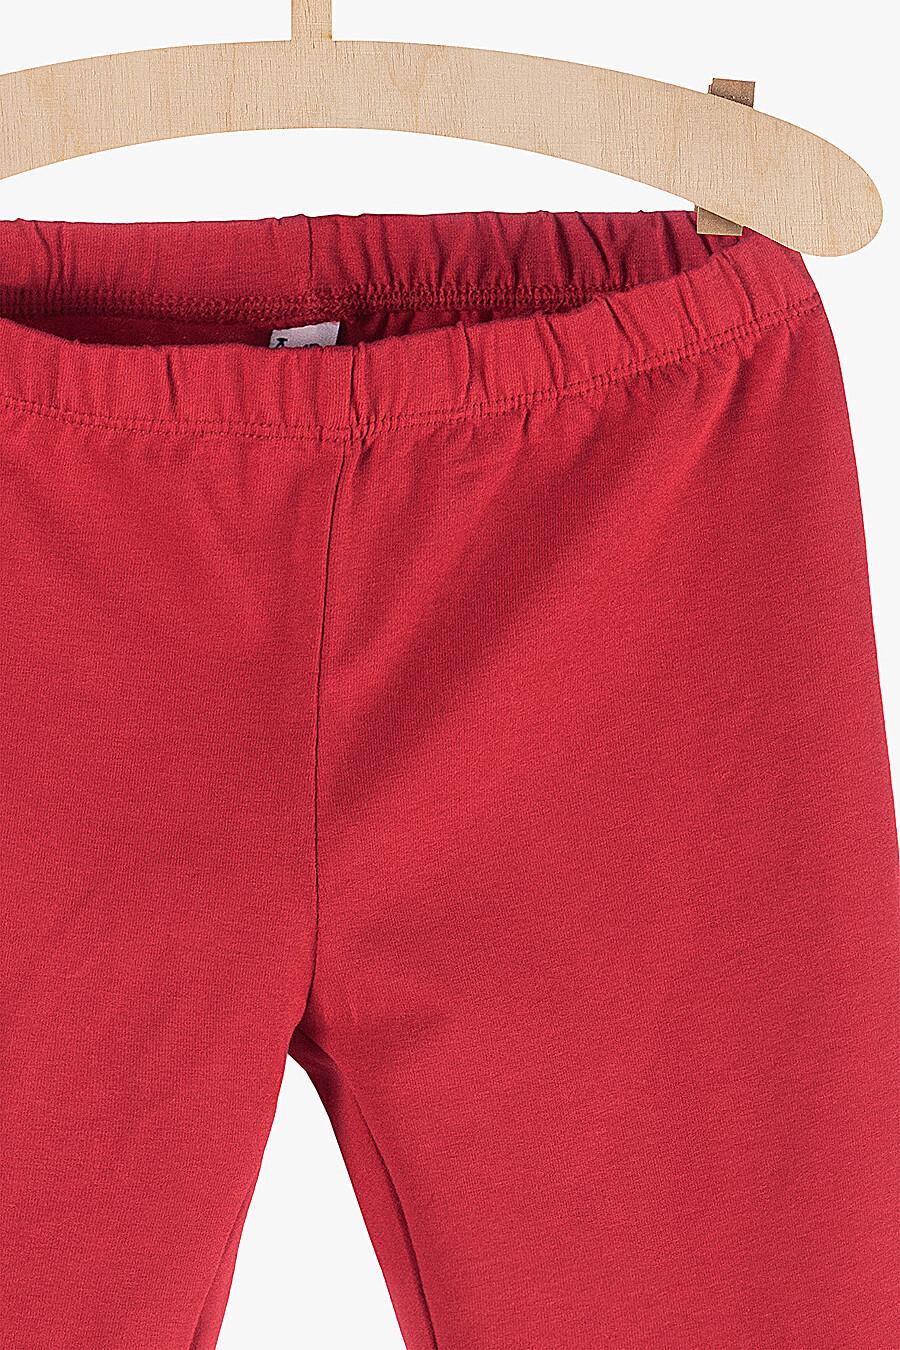 Леггинсы для девочек 5.10.15 218402 купить оптом от производителя. Совместная покупка детской одежды в OptMoyo